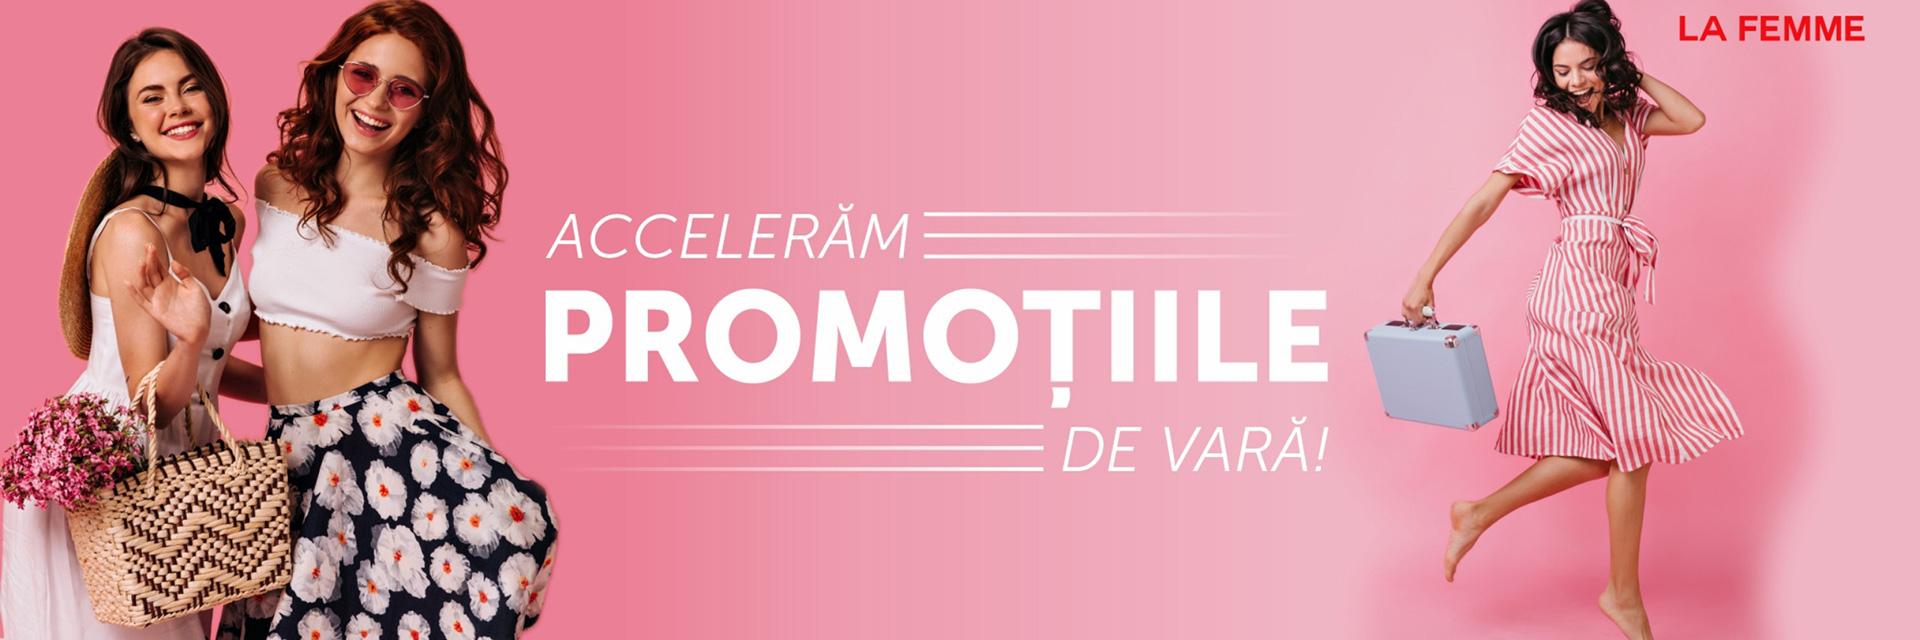 Promotii LaFemme